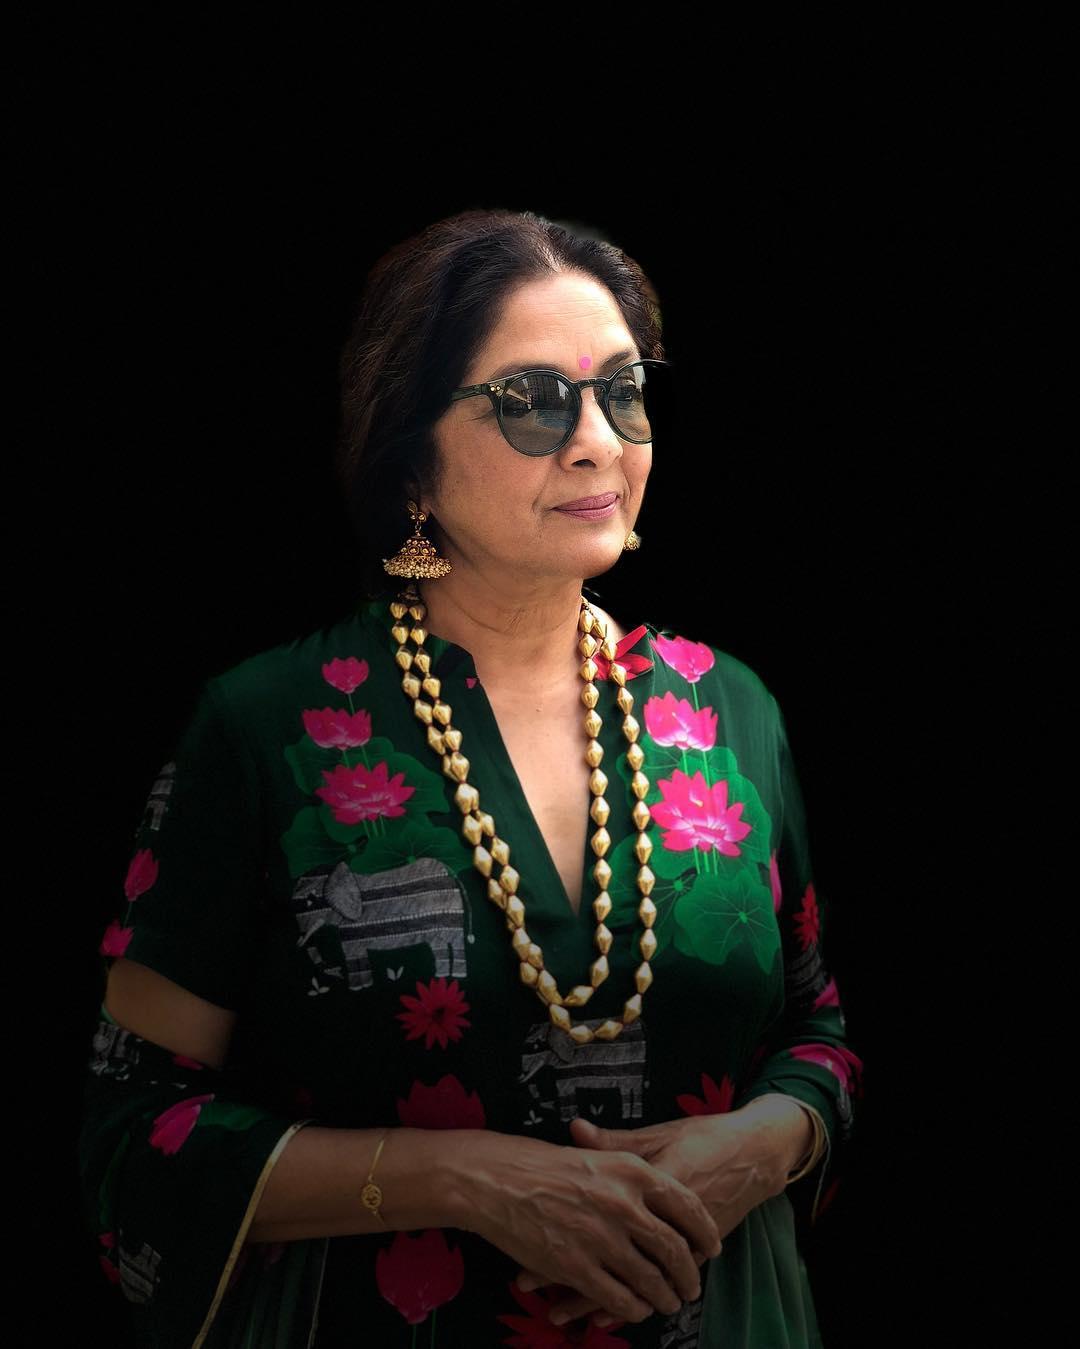 नीना गुप्ता 2018 मध्ये रिलीज झालेल्या 'बधाई हो' सिनेमात दिसल्या होत्या. त्यांनी या सिनेमात अंशुमान खुरानाच्या आईची भूमिका साकारली होती. त्यांच्या या भूमिकेच खूप कौतुकही झालं होतं.